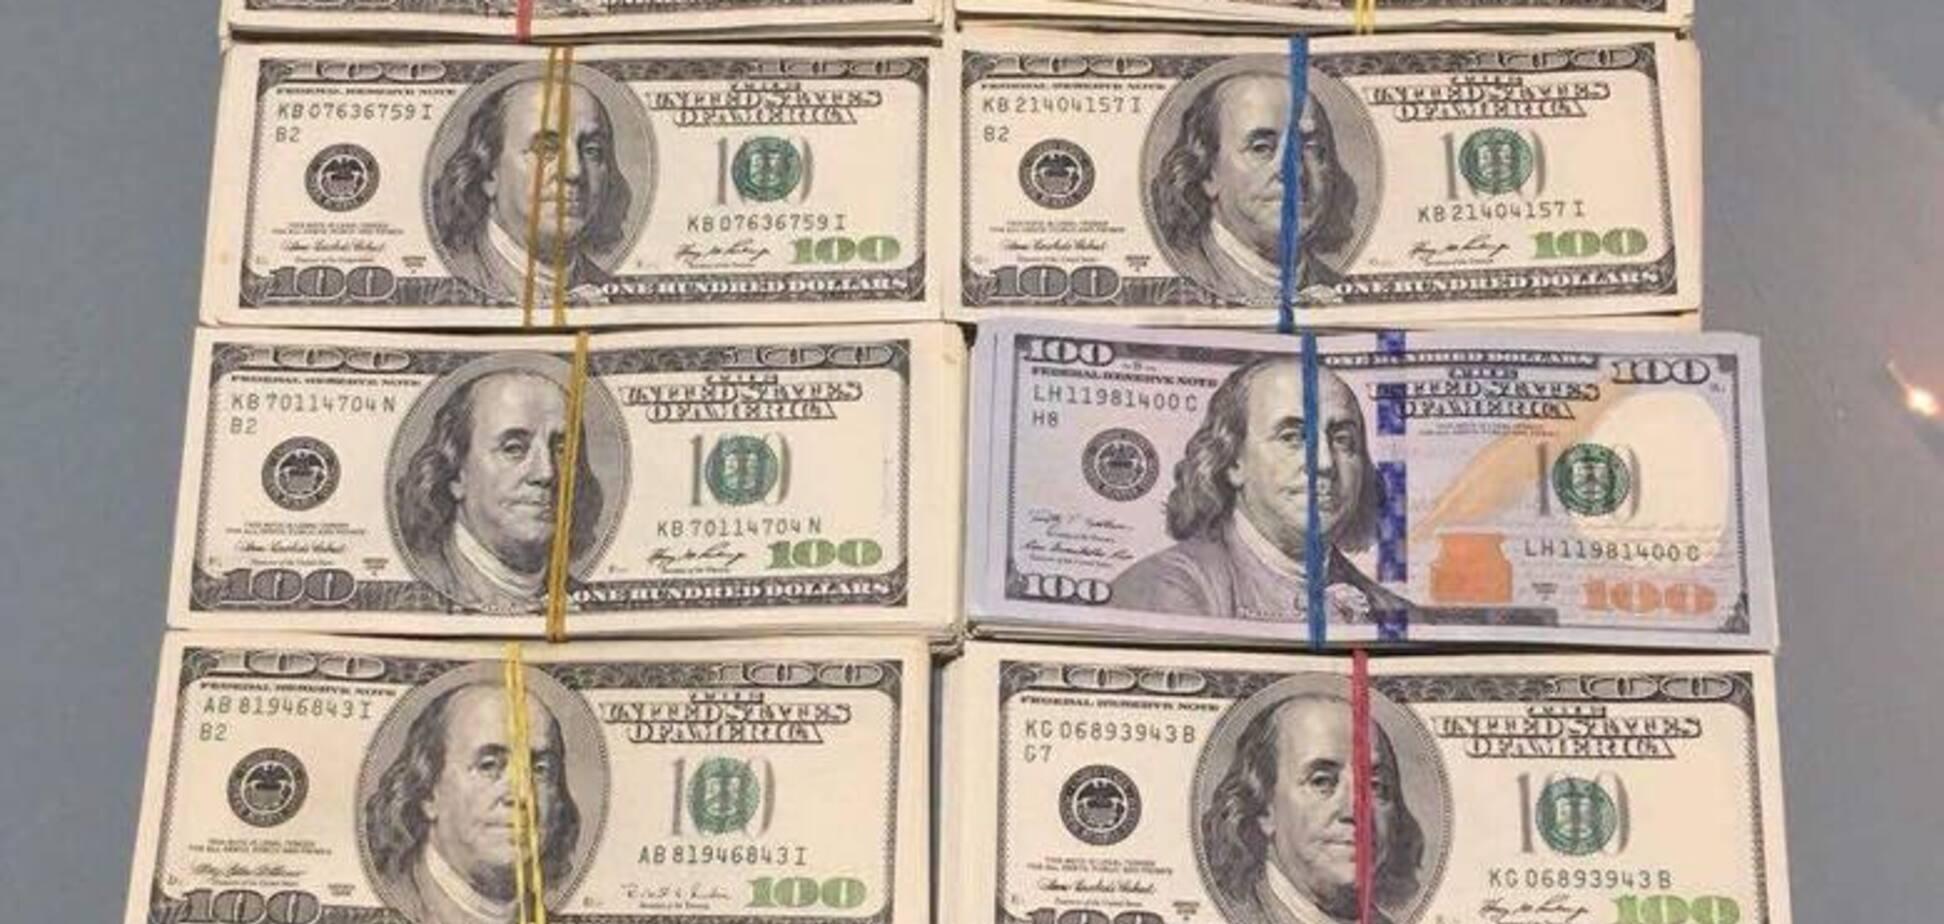 Из оборонного бюджета Украины украли 200 миллионов: в ГПУ сообщили детали